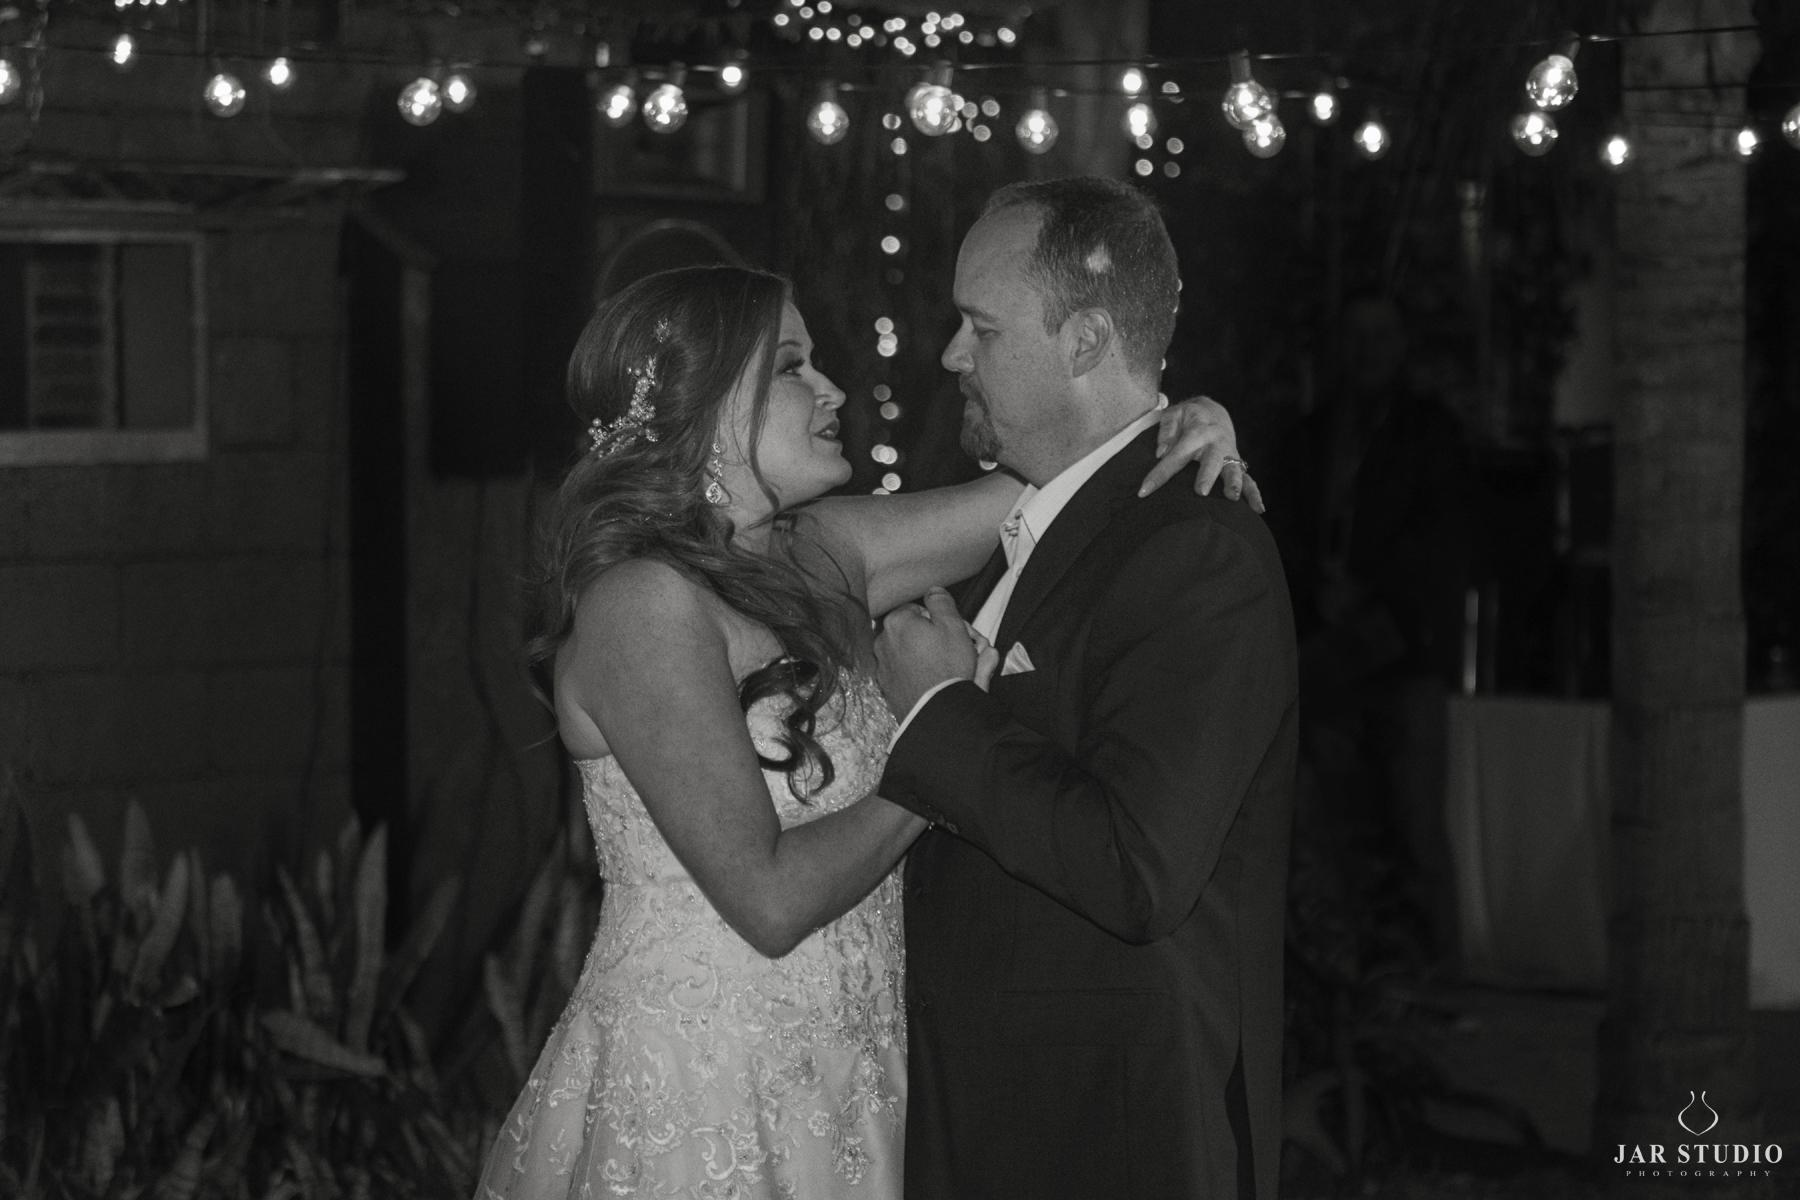 35-dancing-bride-groom-moment-jarstudio.JPG